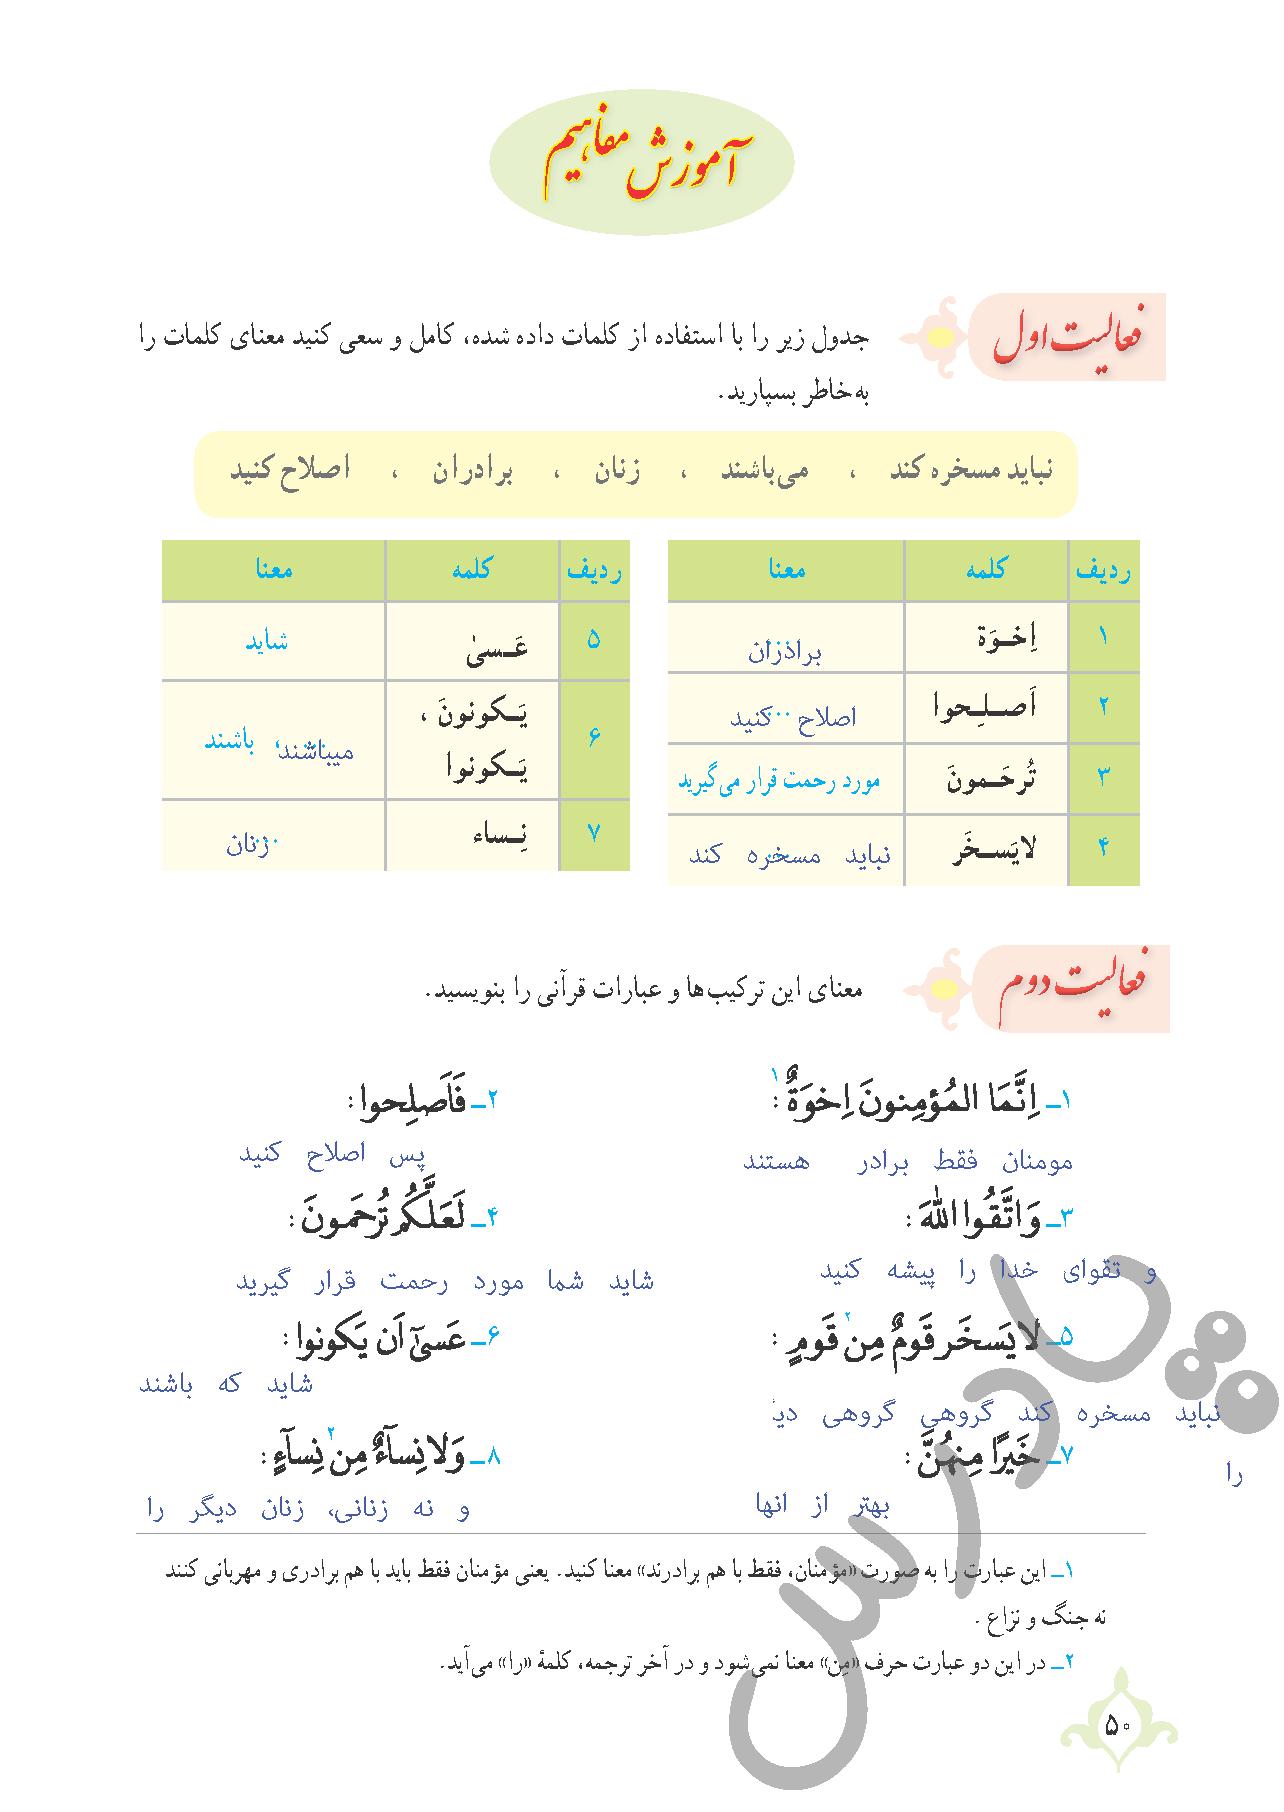 پاسخ فعالیت های درس 4 قرآن نهم - بخش دوم